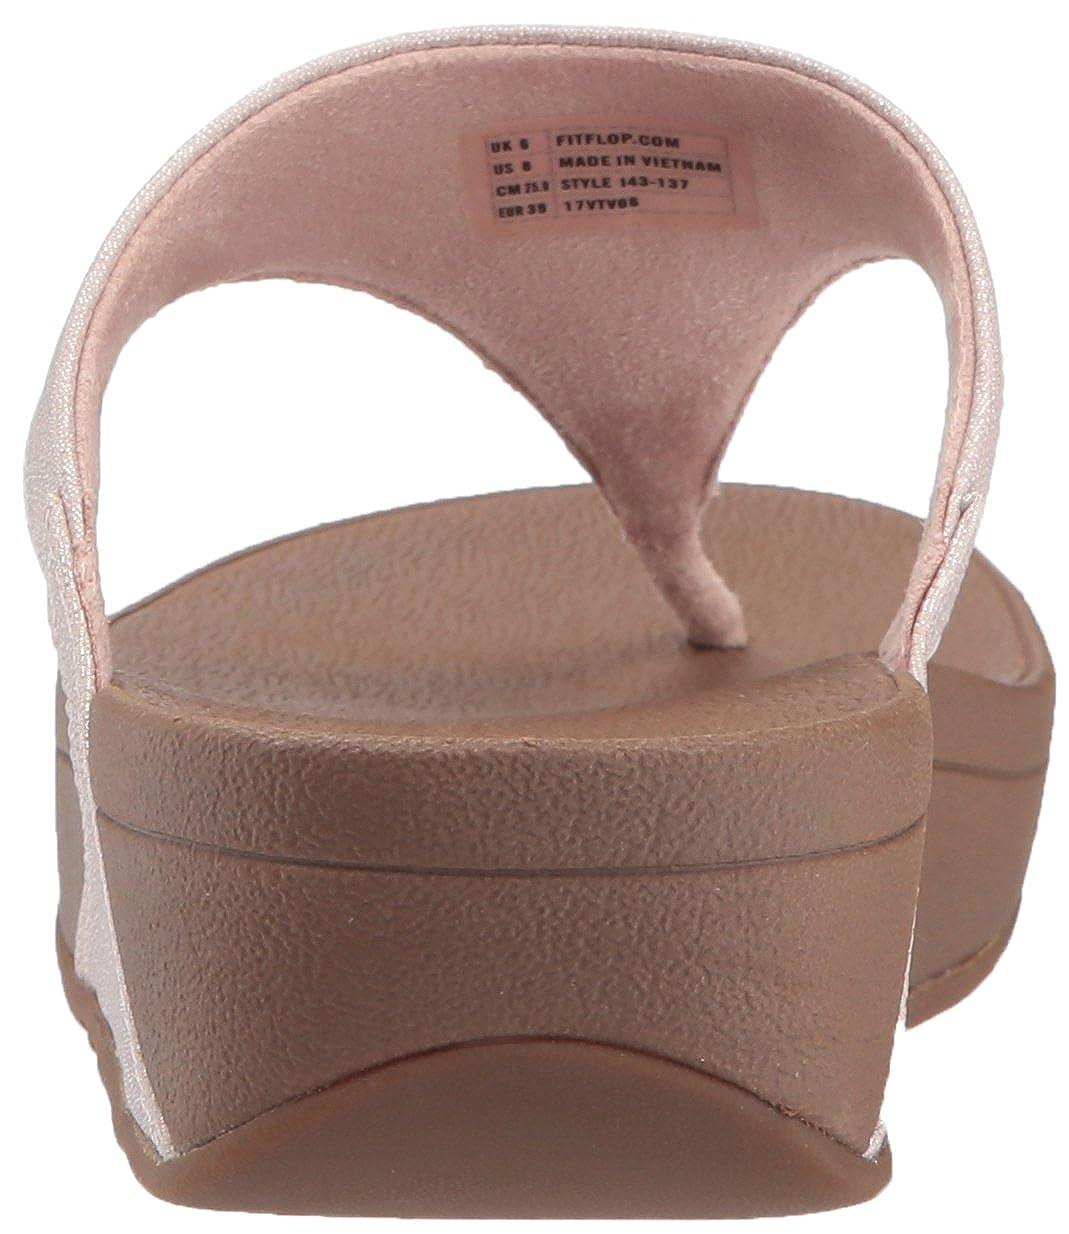 0d9ec9dbe4070f fitflop Women s Lulu Lizard-Print Flip Flops Sandal  Amazon.ca  Shoes    Handbags